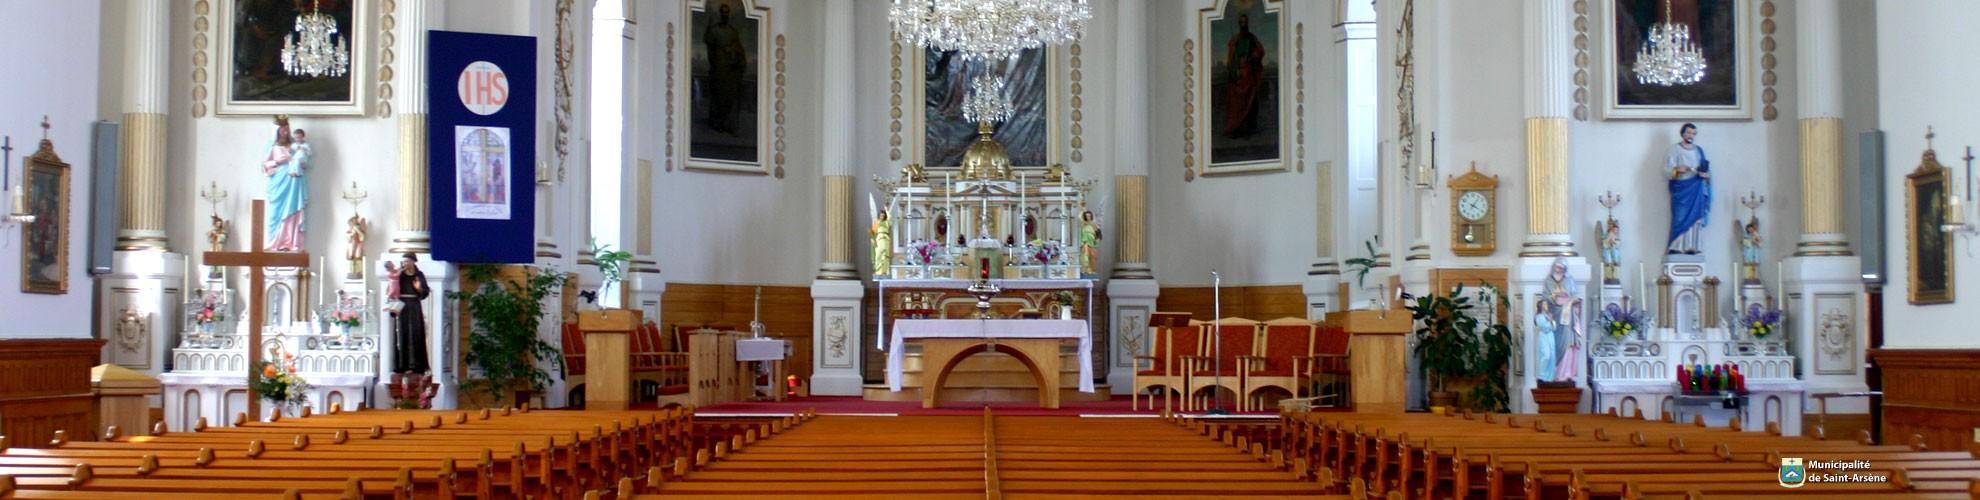 Hero - Église (intérieur)